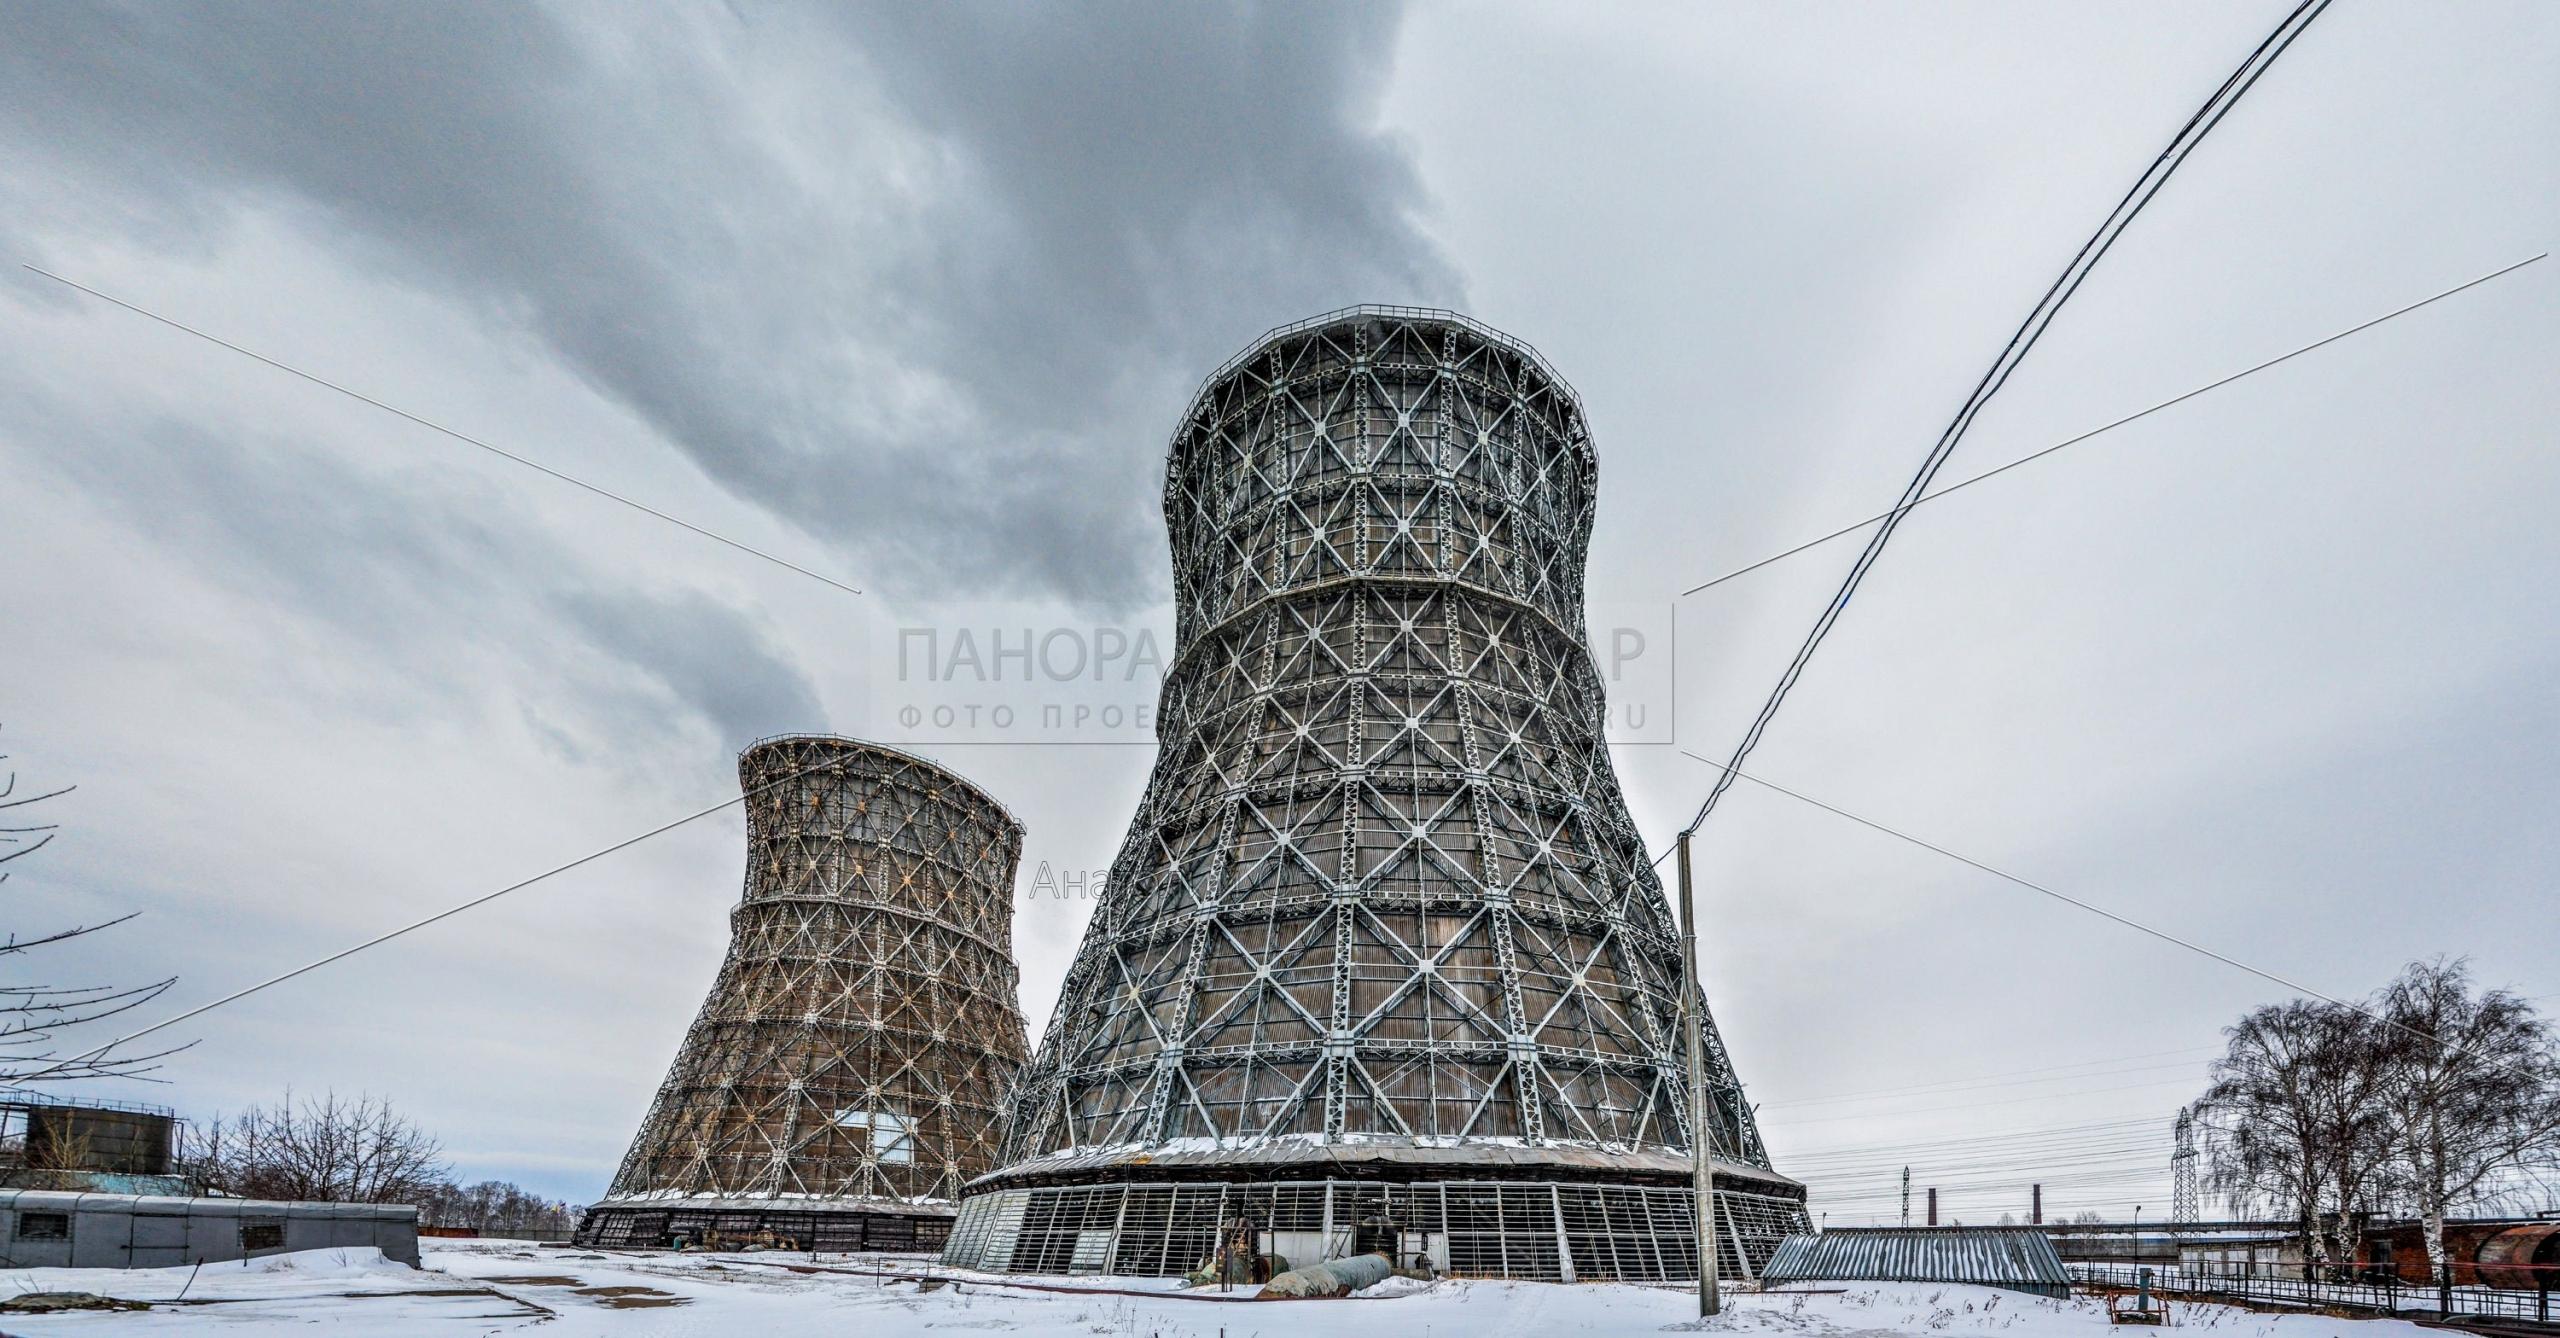 Градирни Чебоксарской ТЭЦ-2. Зима 2013